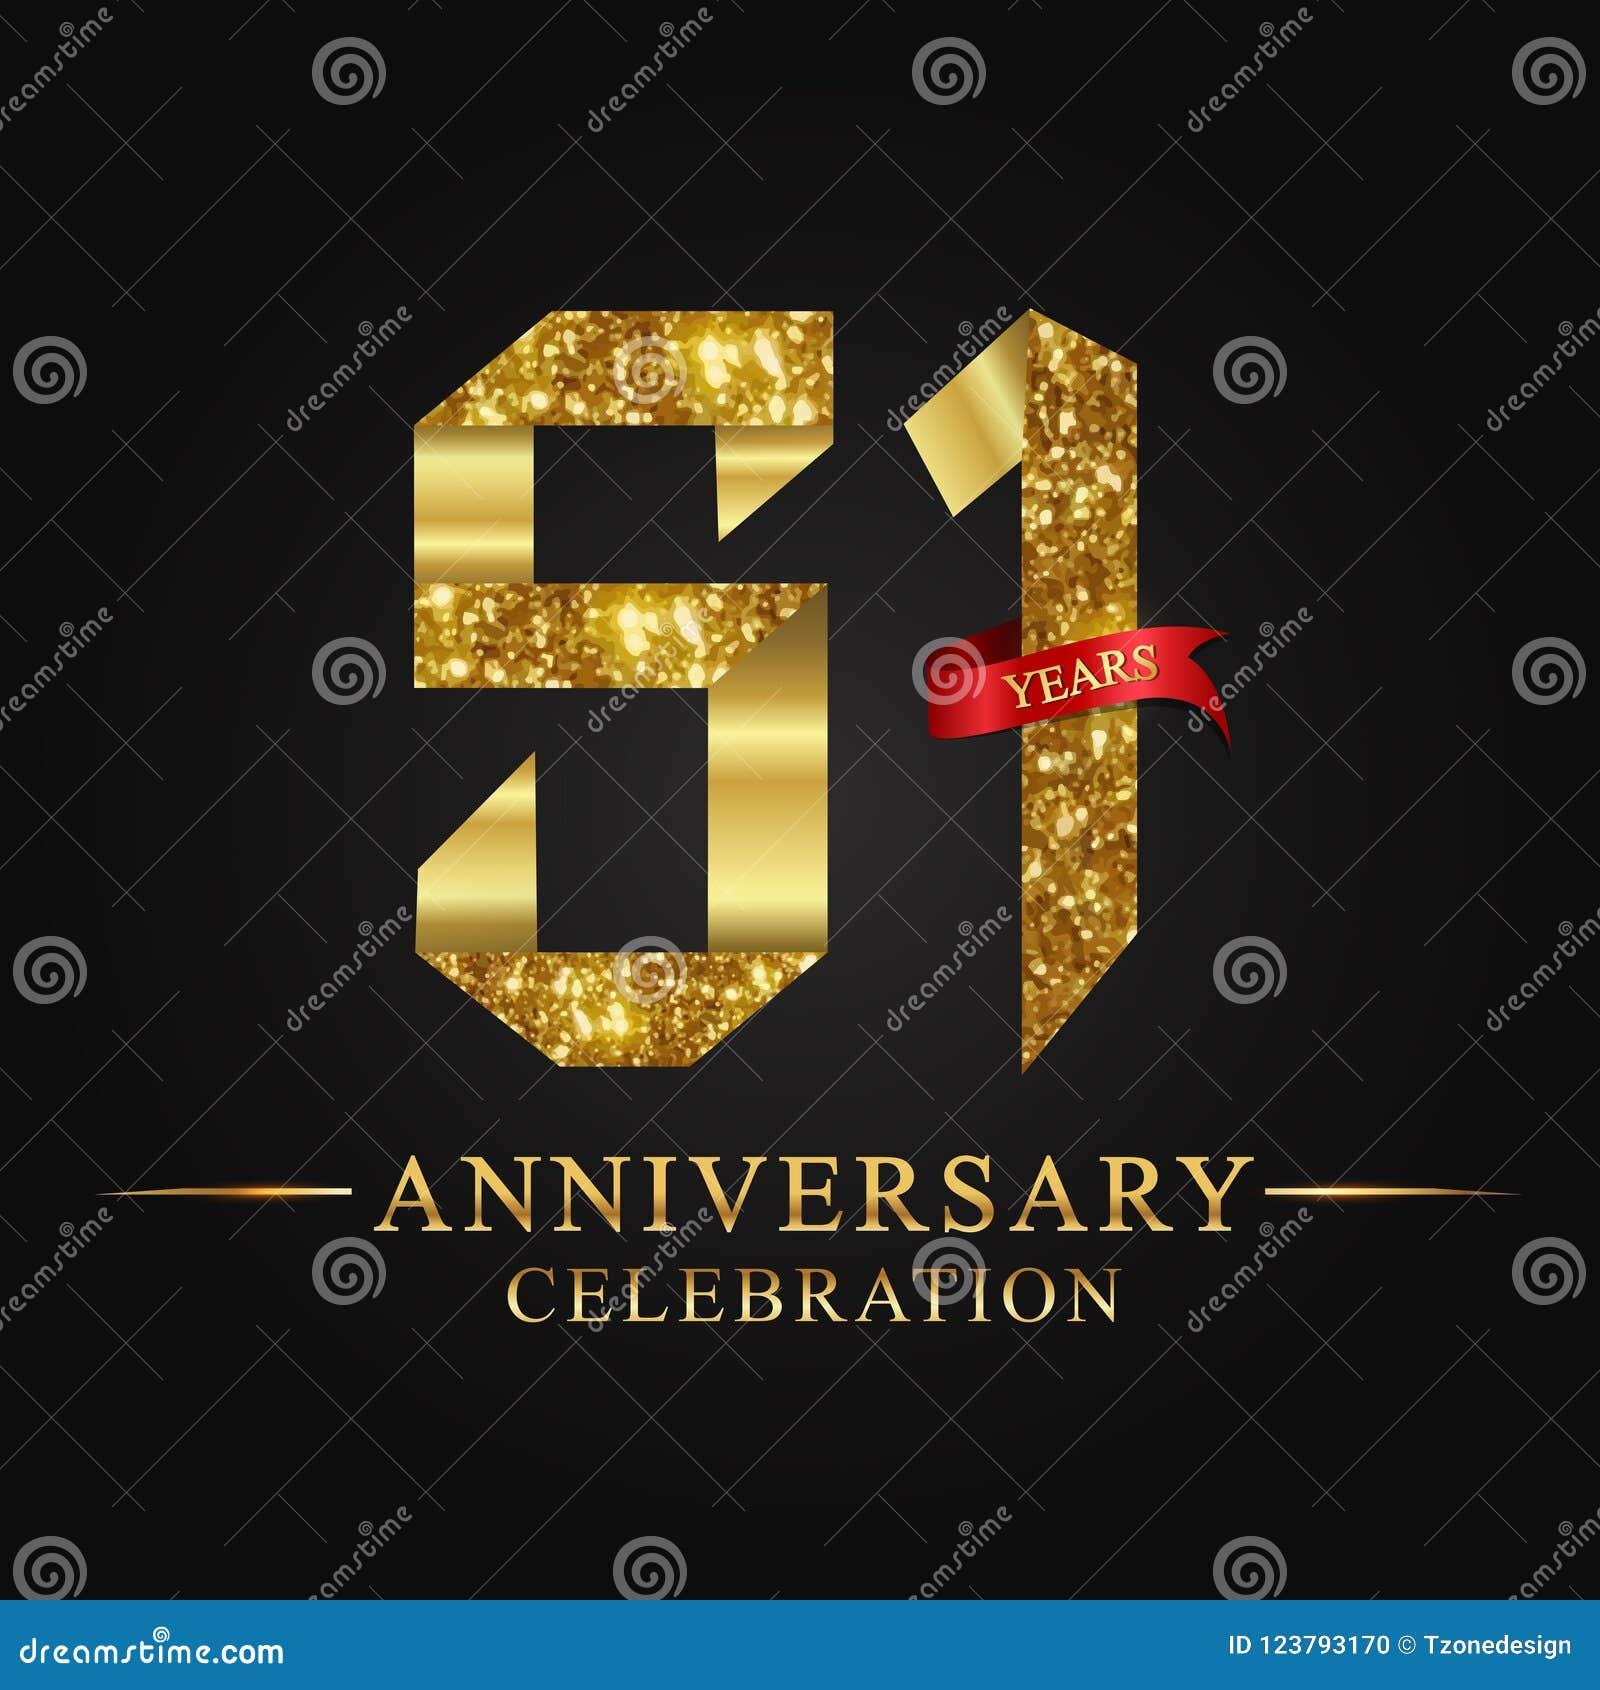 51$ος εορτασμός ετών επετείου logotype Χρυσός αριθμός κορδελλών λογότυπων και κόκκινη κορδέλλα στο μαύρο υπόβαθρο